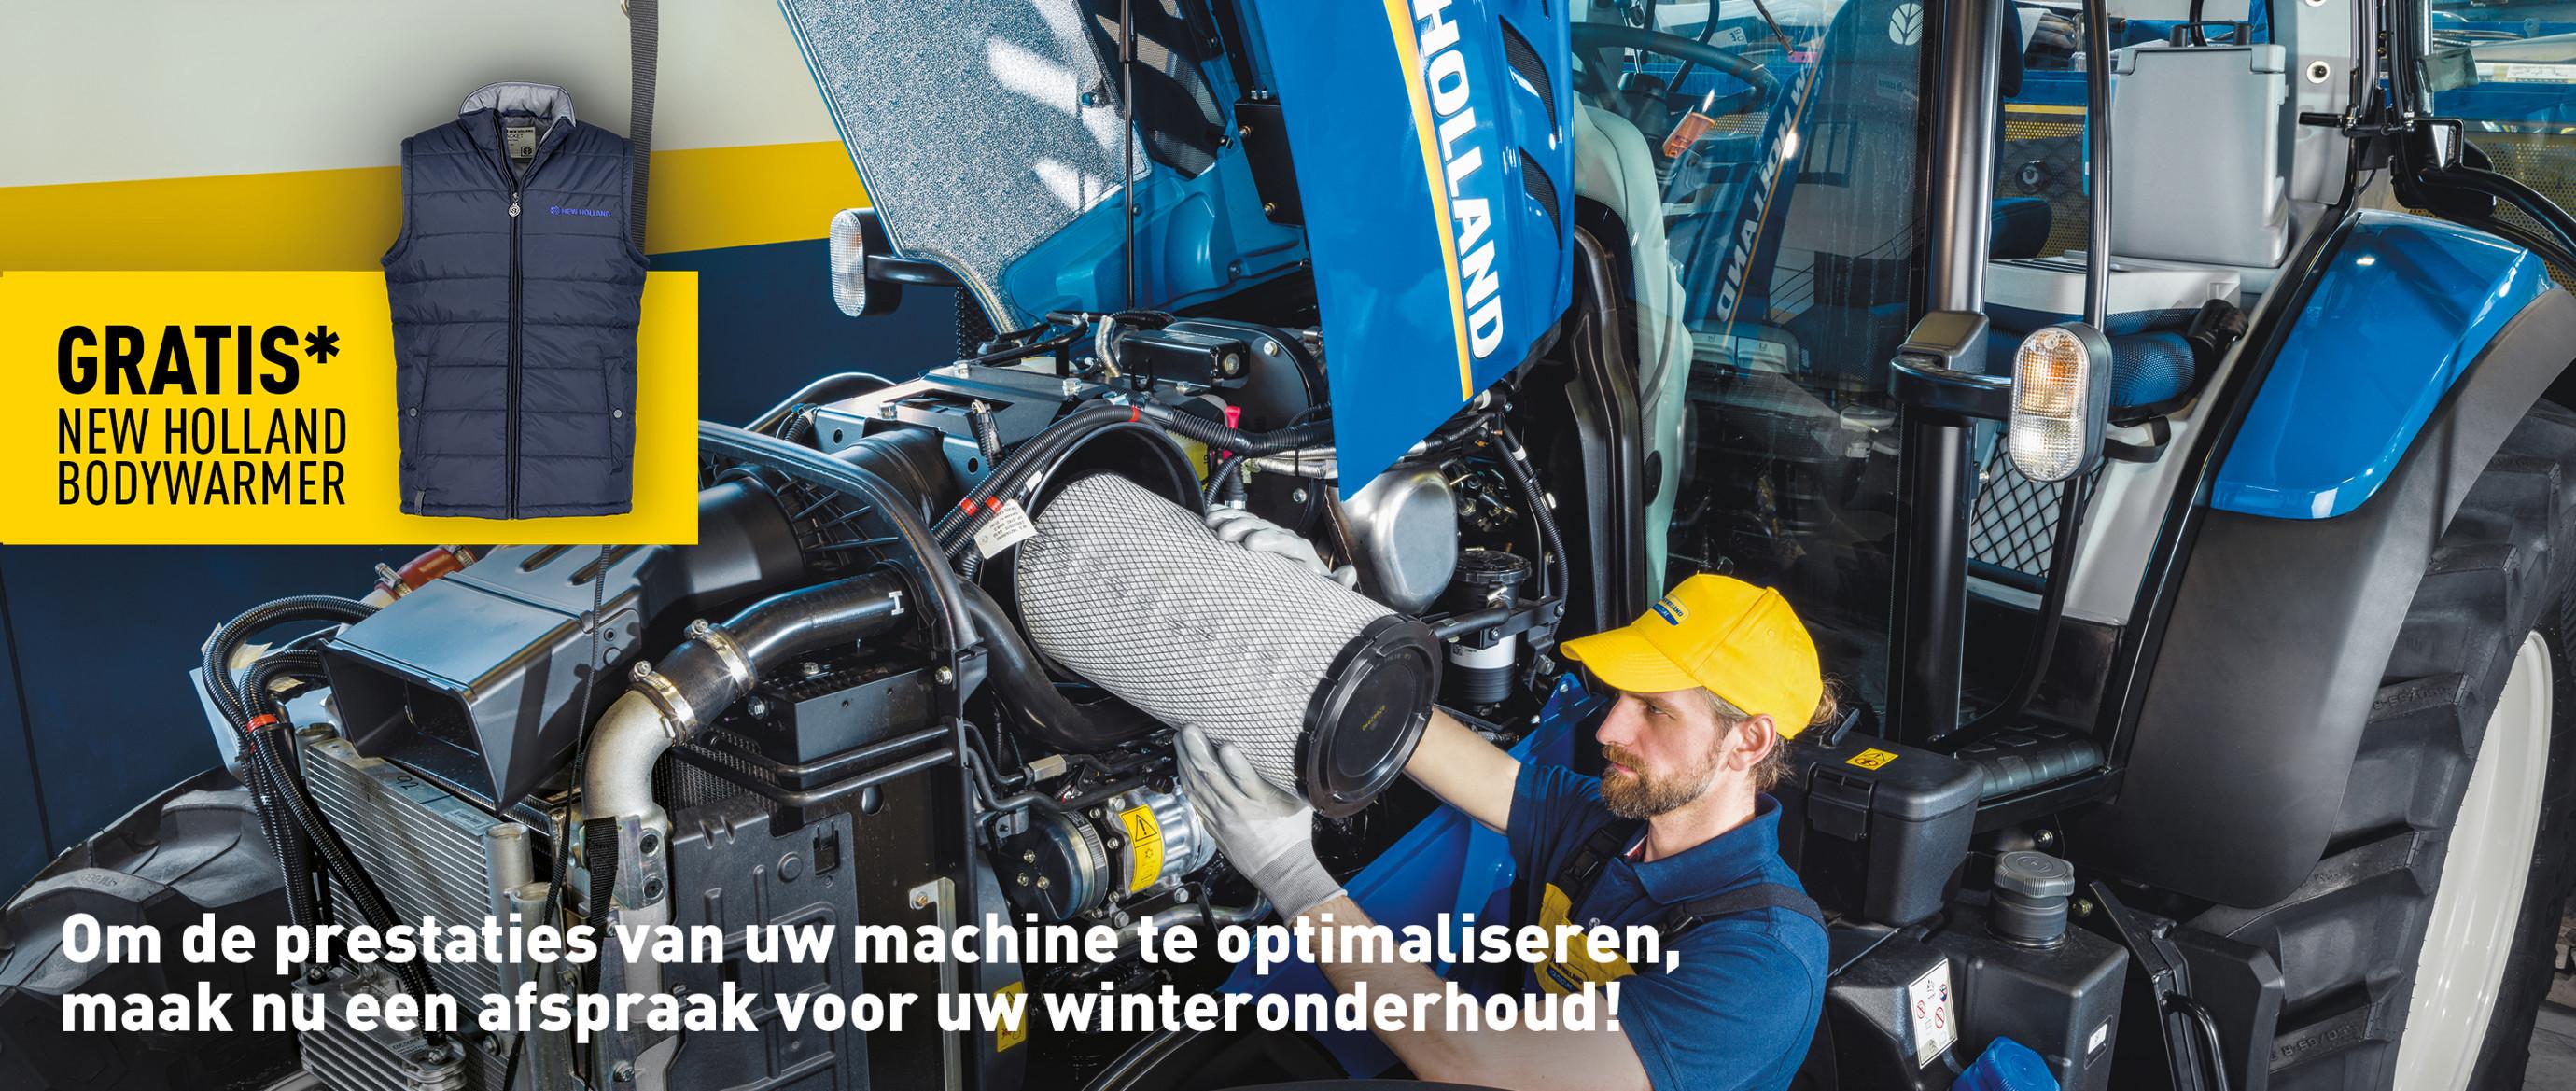 header-nl.jpg